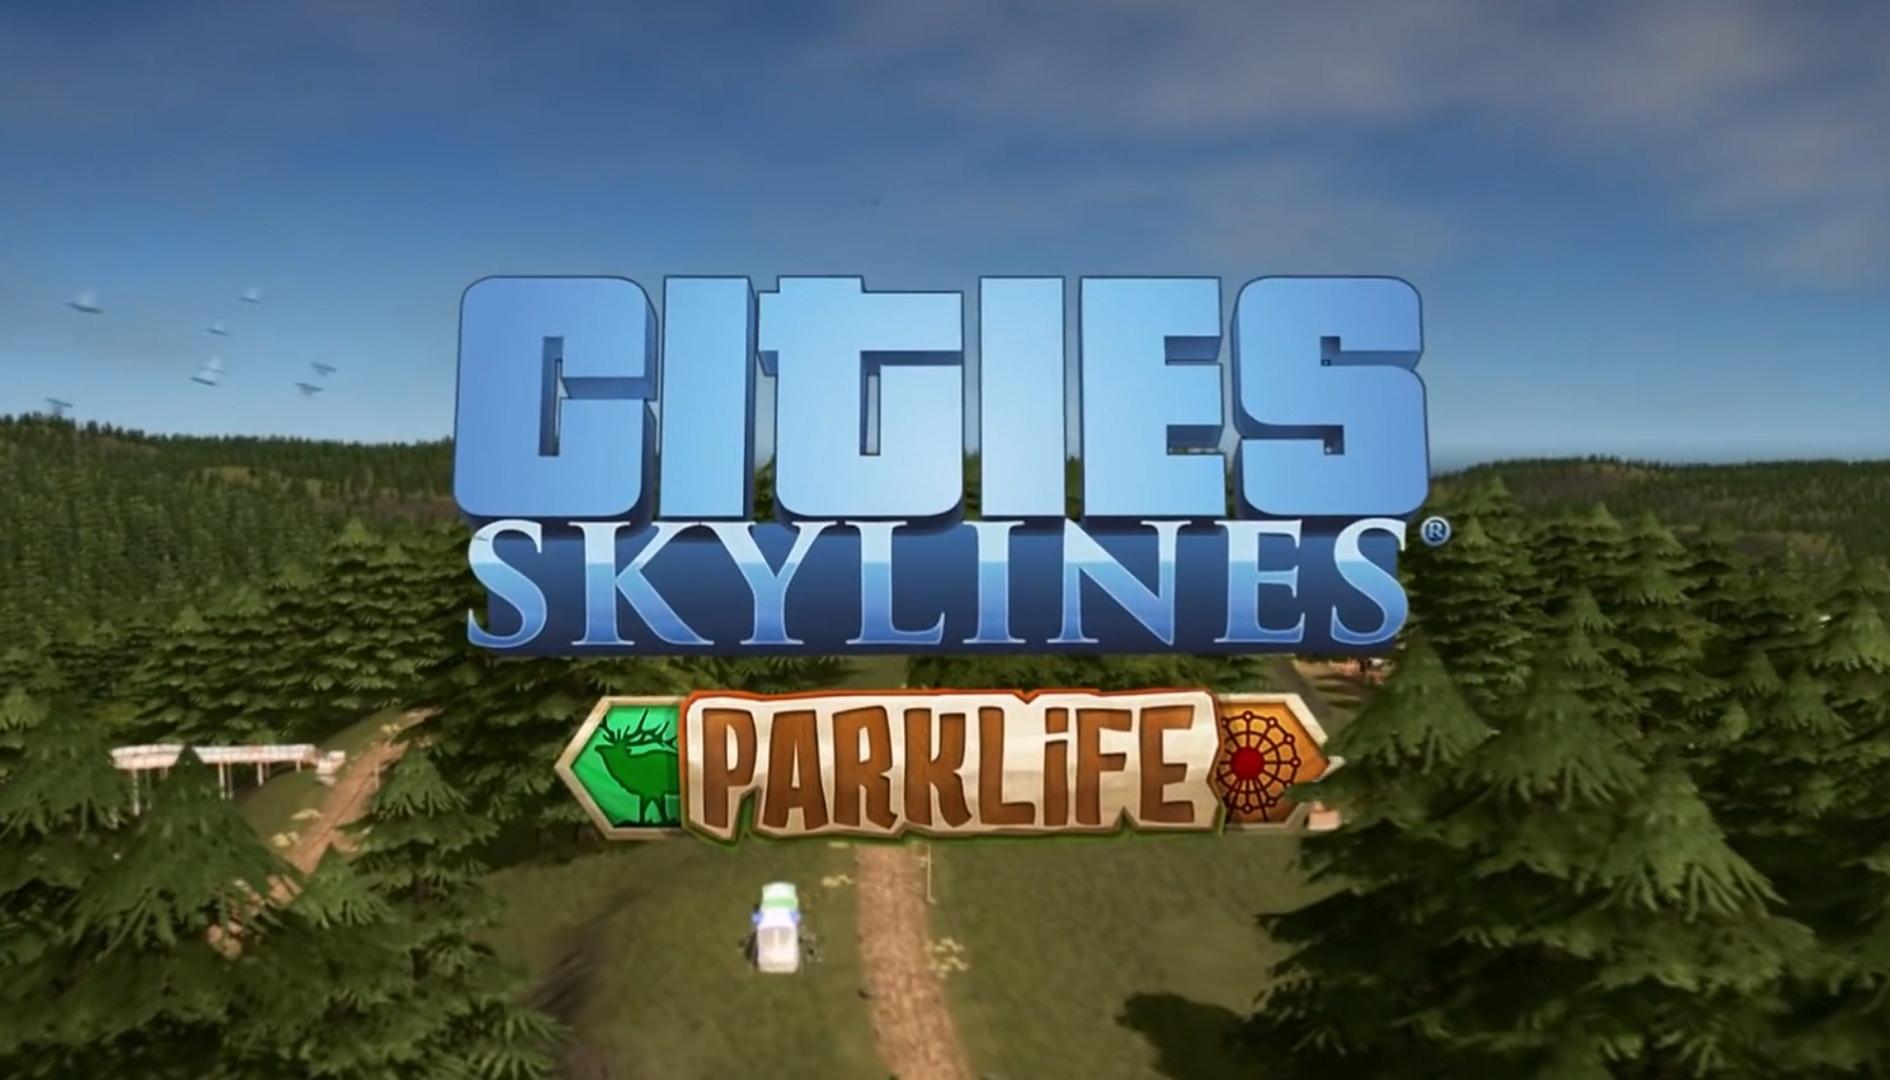 Giochi gratis PC: Cities Skylines Parklife è disponibile gratuitamente